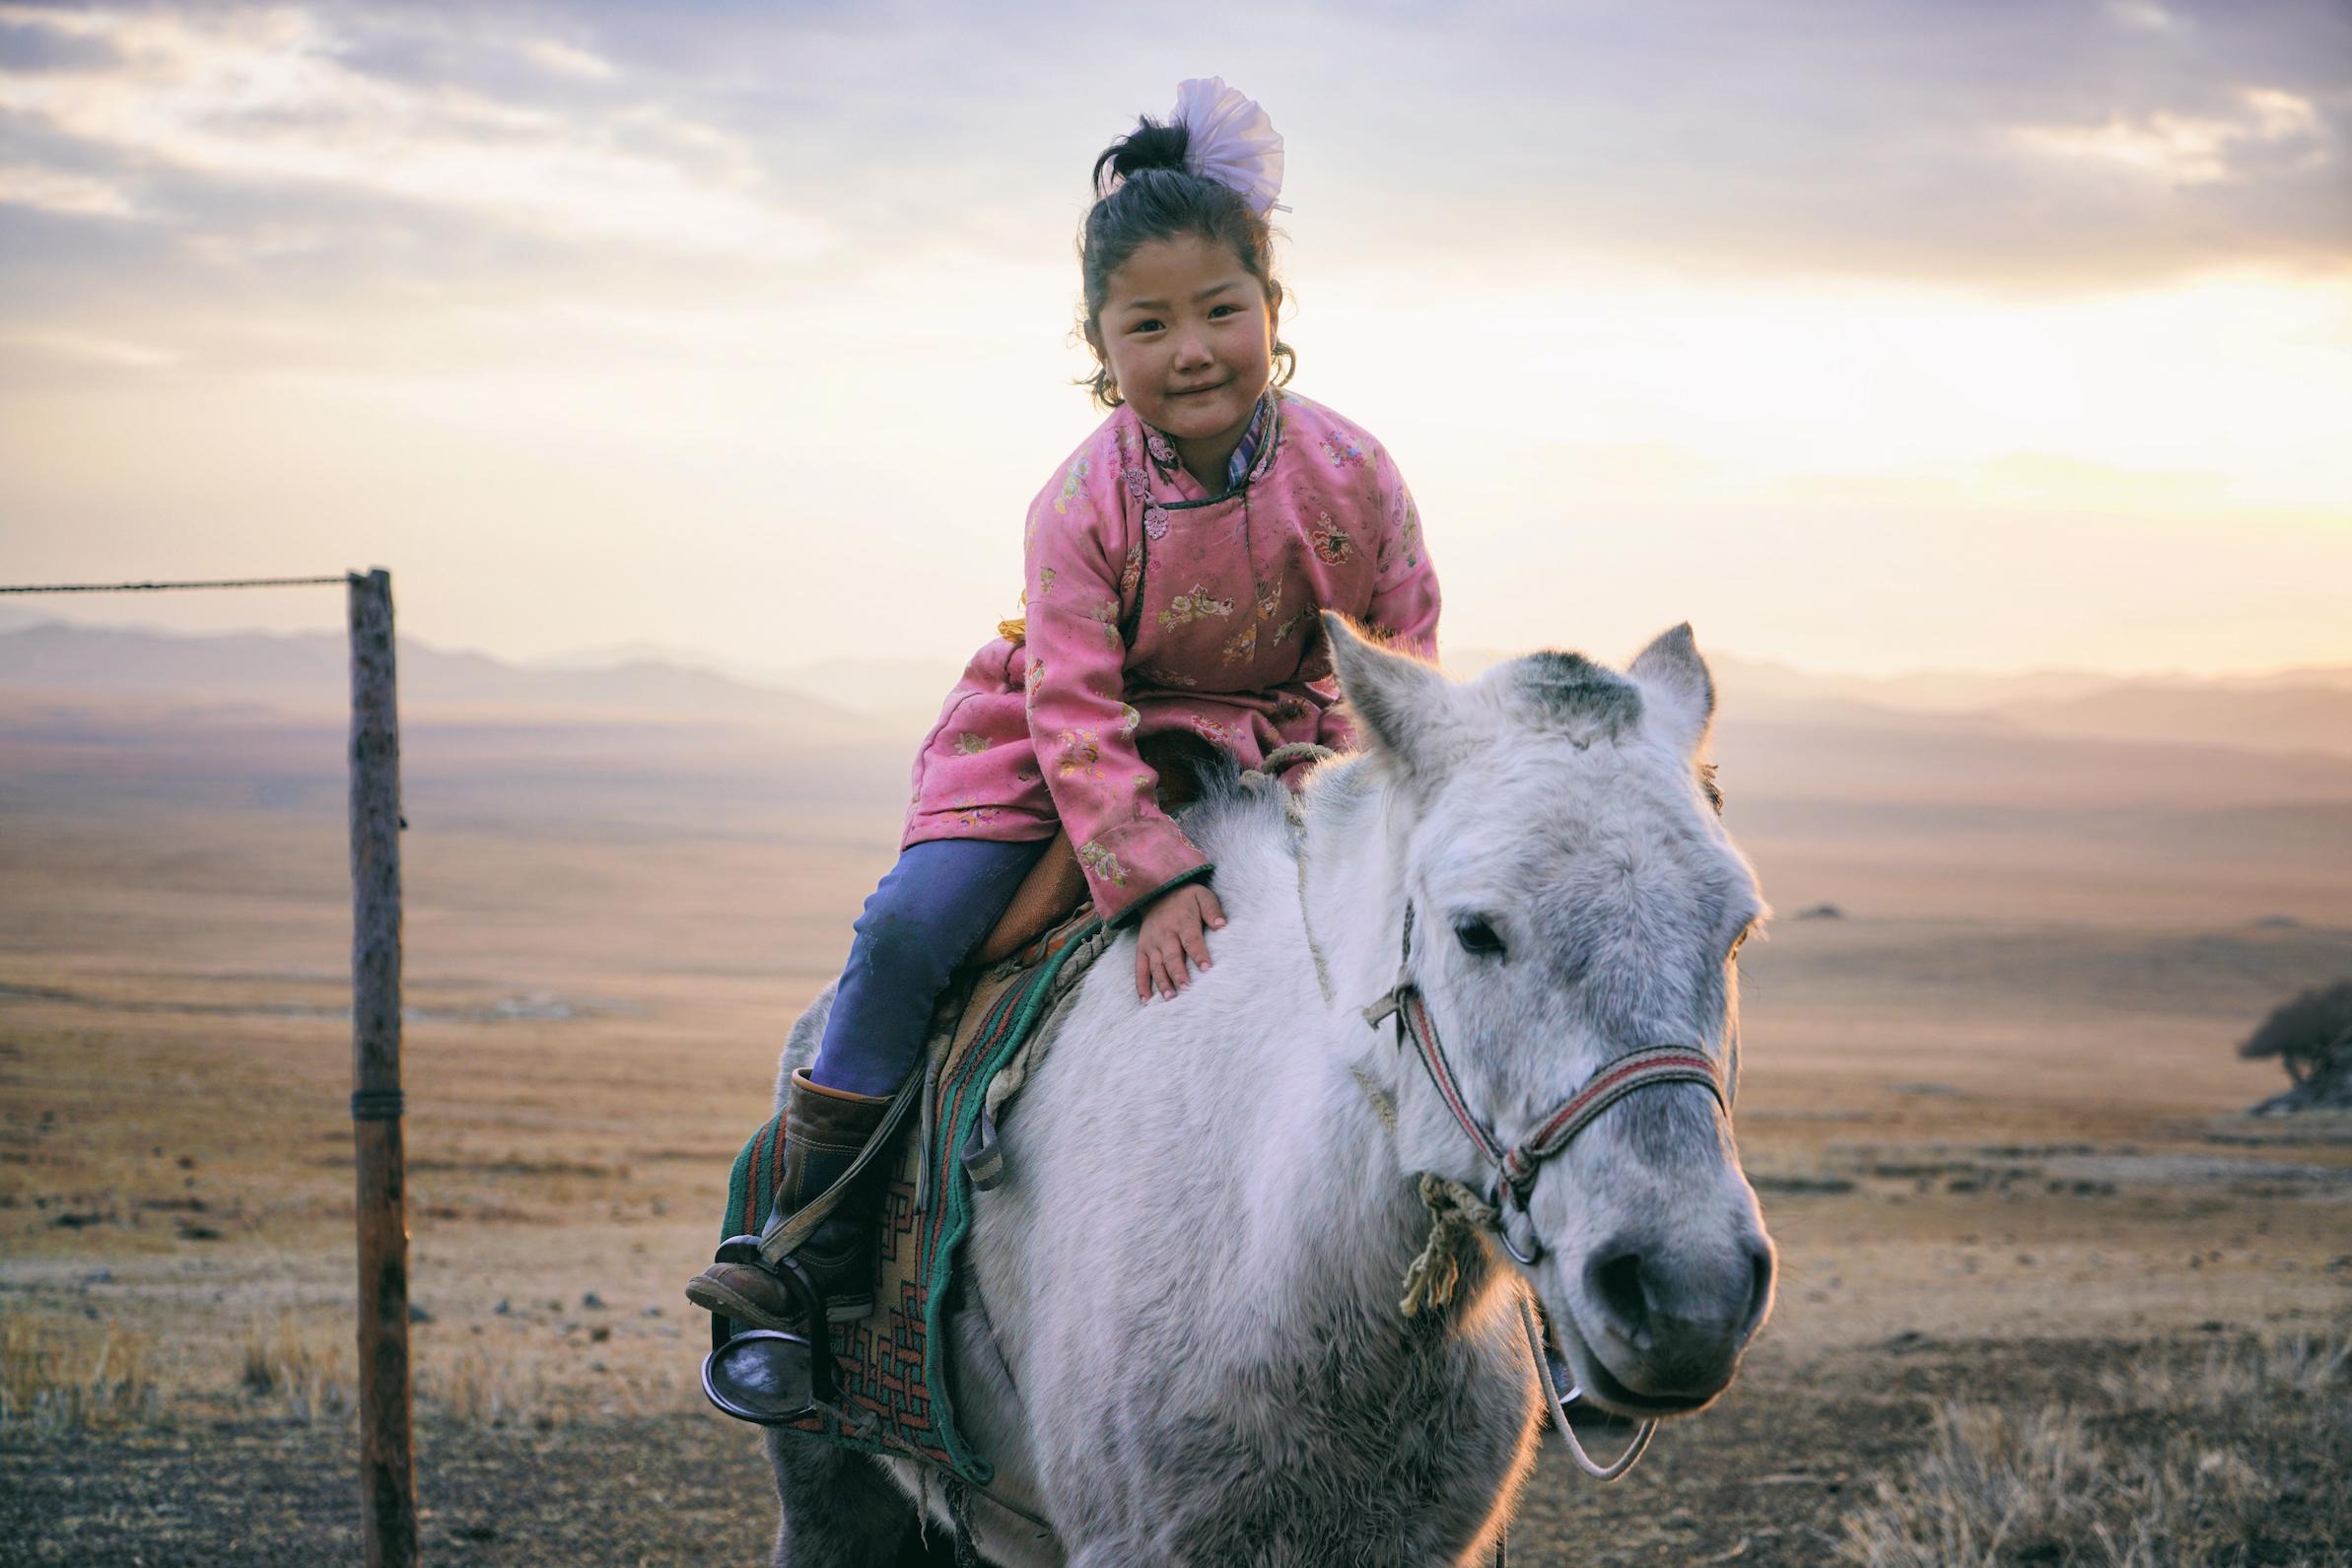 Khasar_S_SunduijavSunsetPortrait_Tuv_Mongolia_Winter_2016 copy.JPG